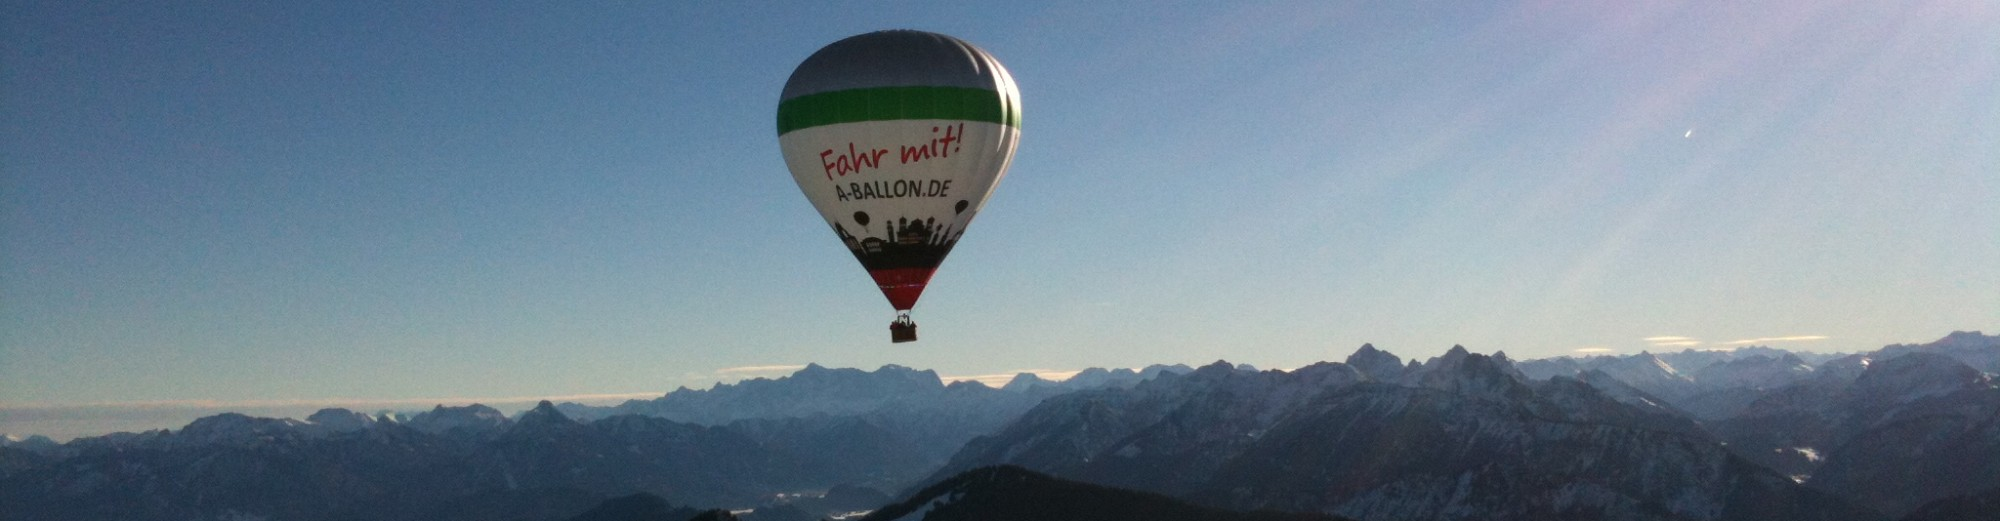 Alpen Ballonfahrt buchen